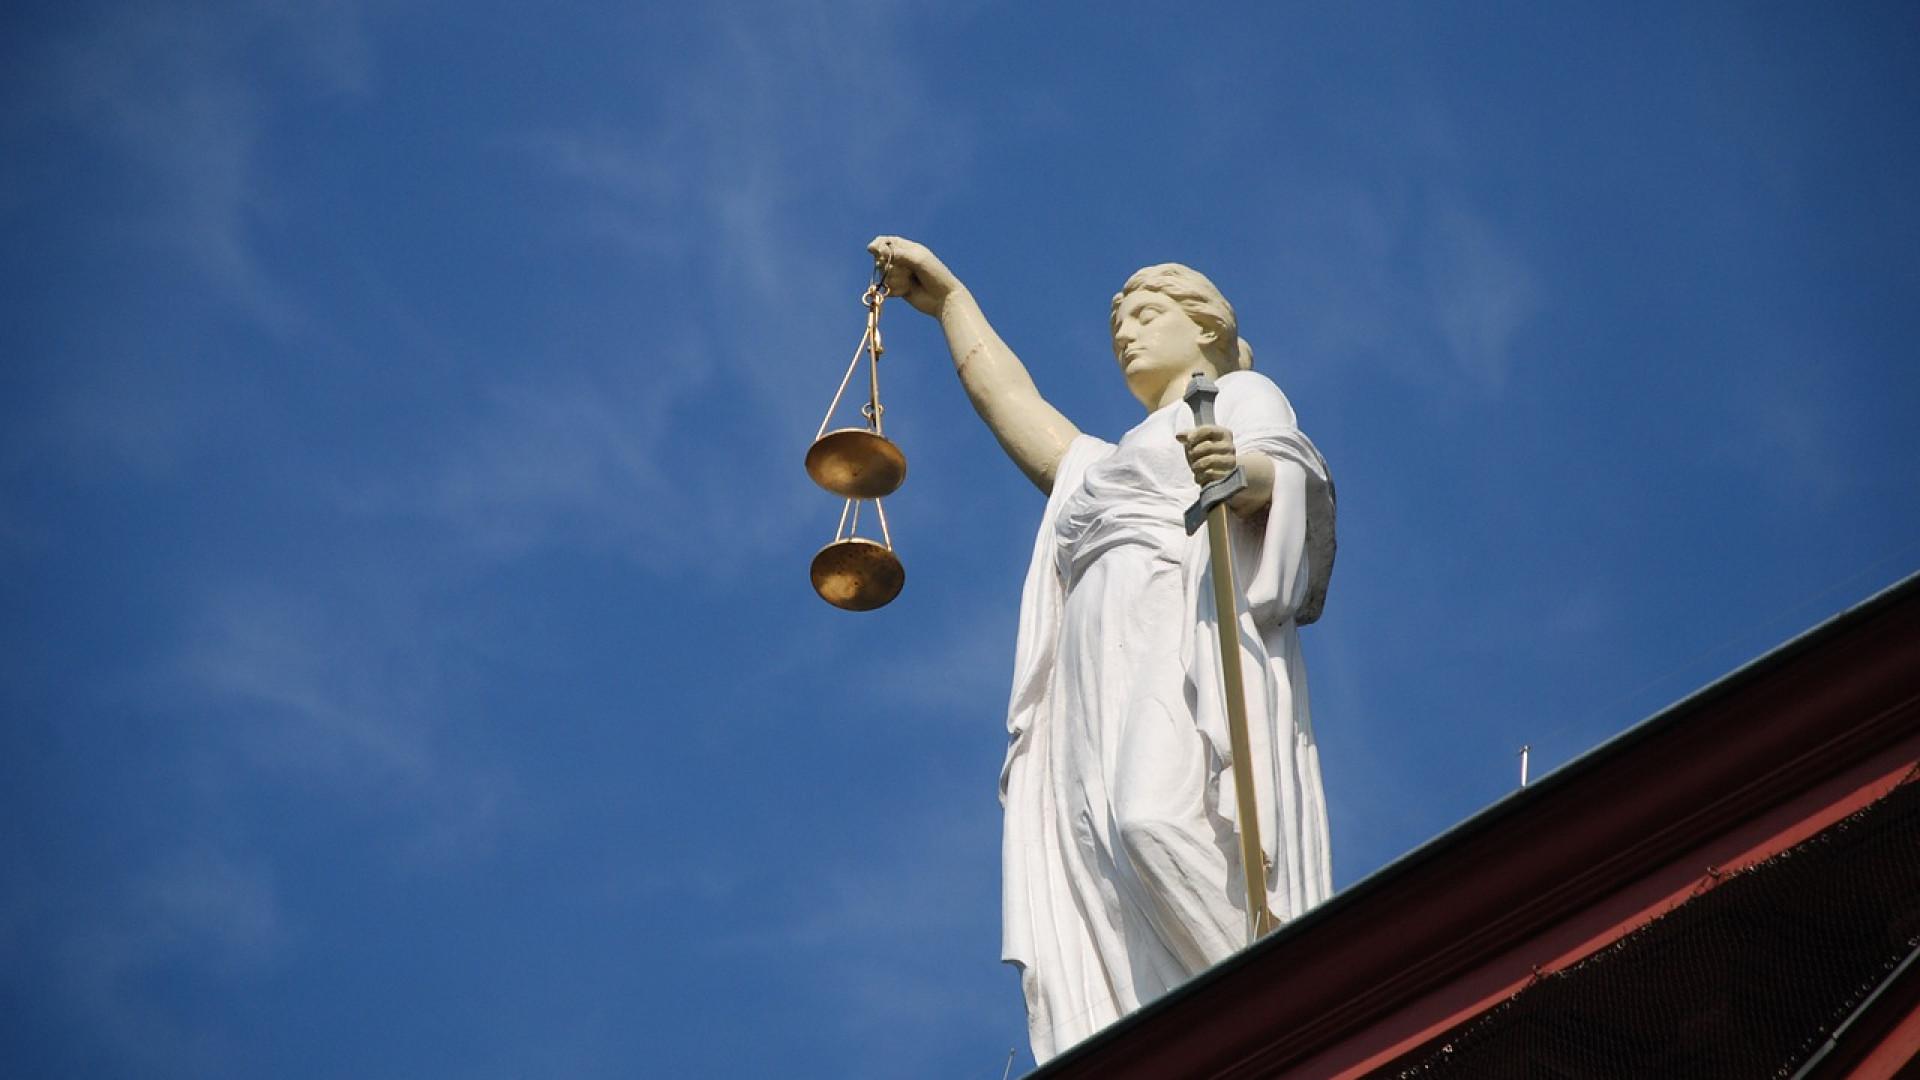 Les futurs avocats peuvent se préparer pour réussir leur examen